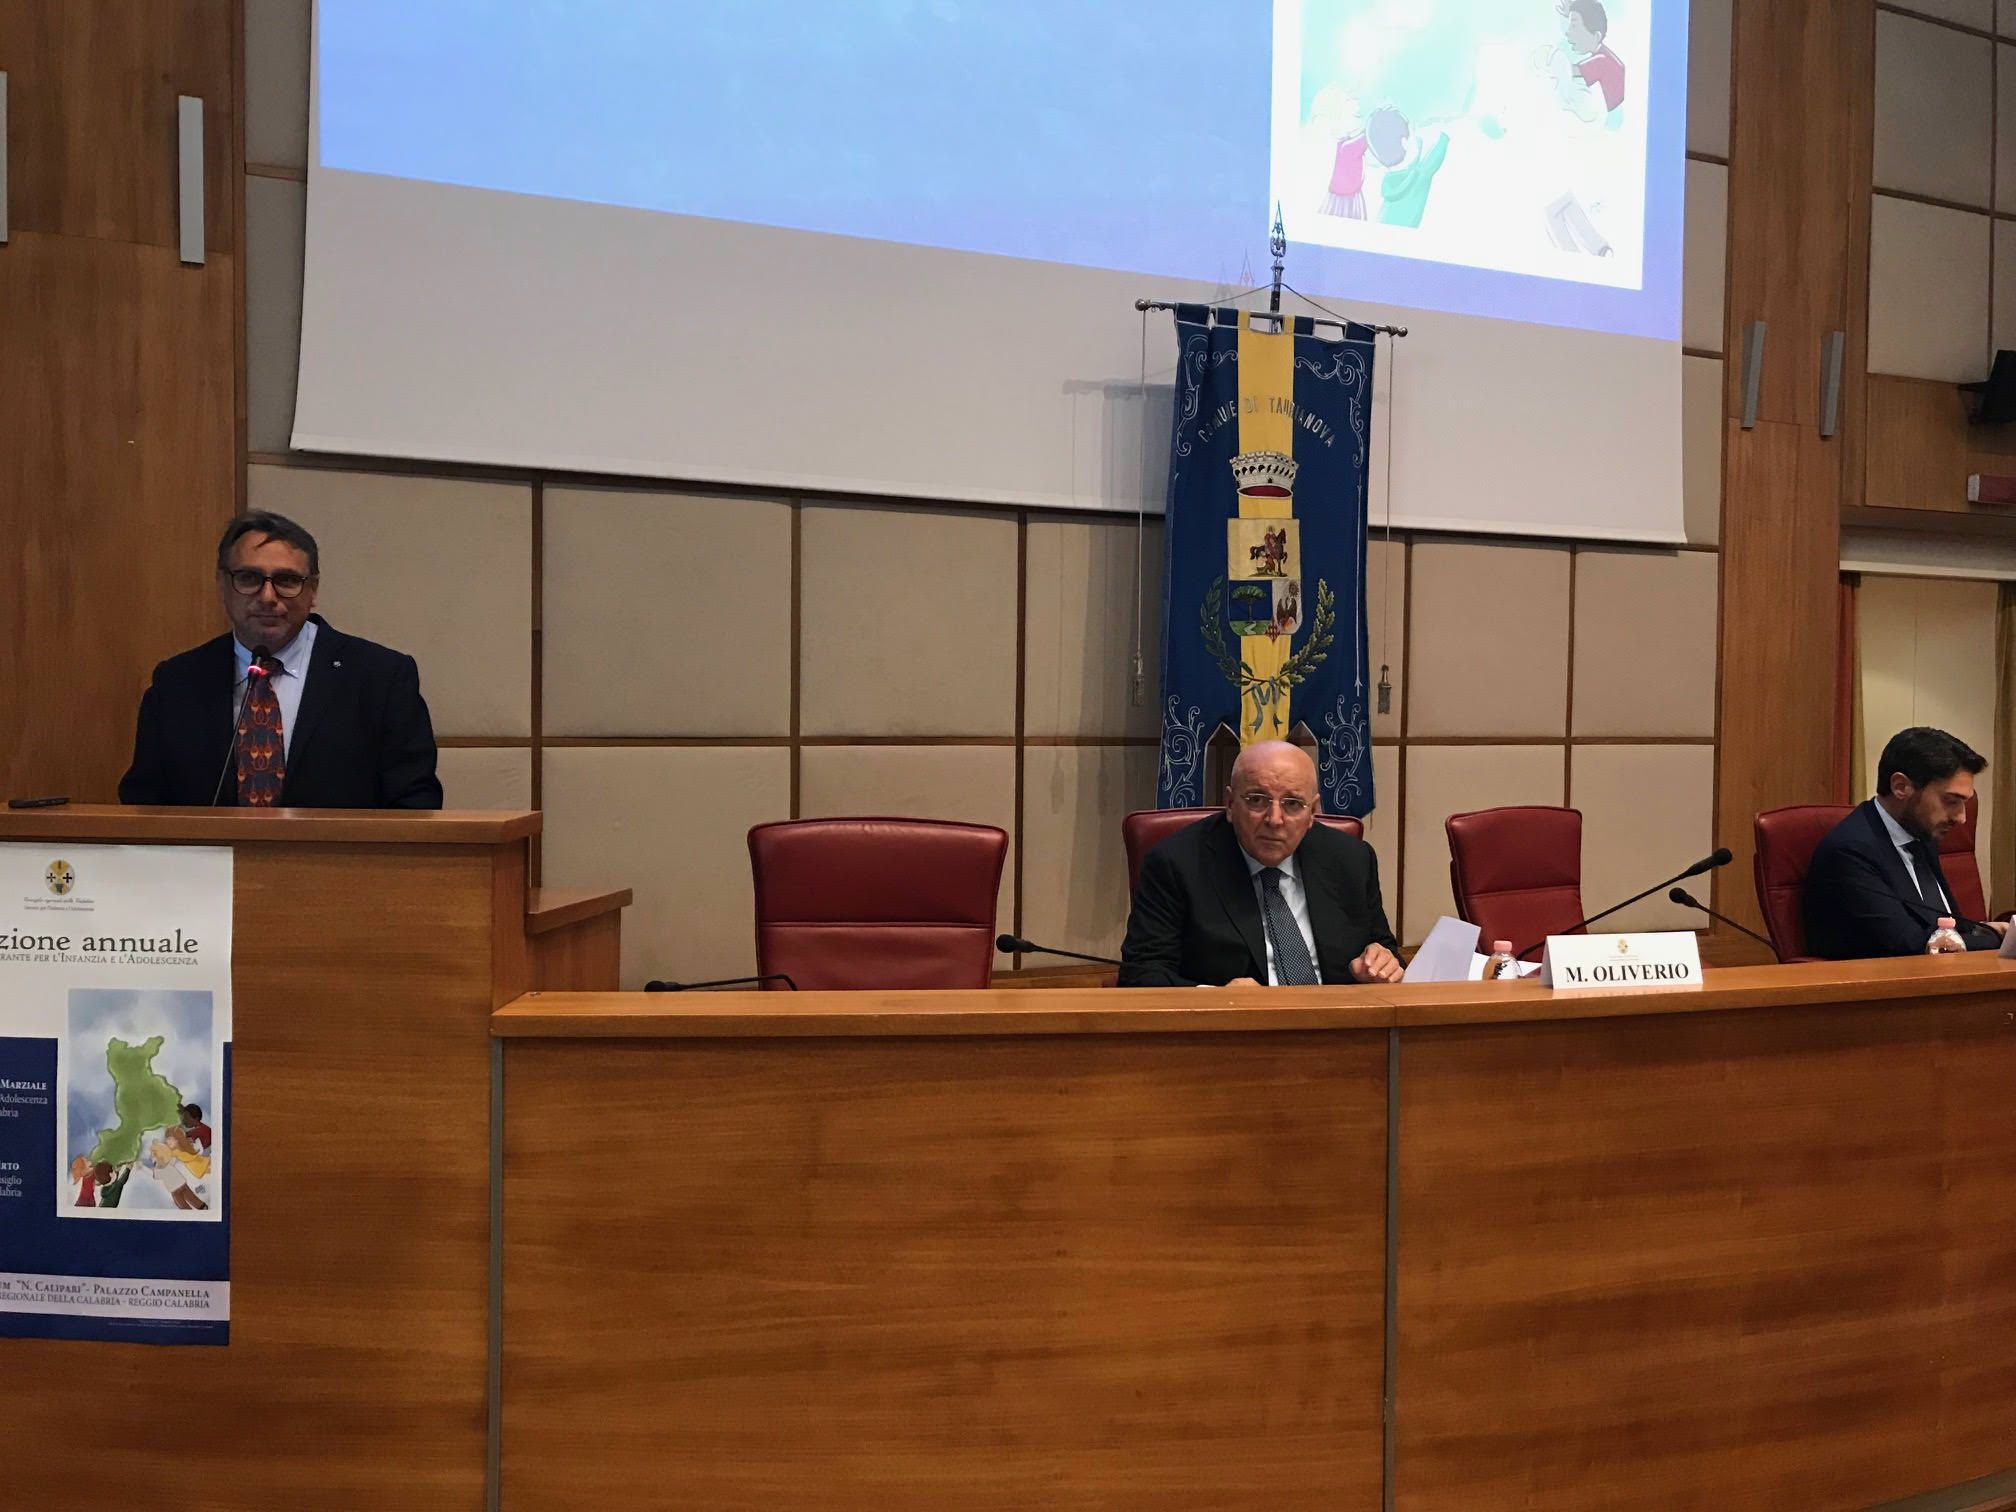 Marziale presenta il report: «Rivoluzione per l'infanzia»